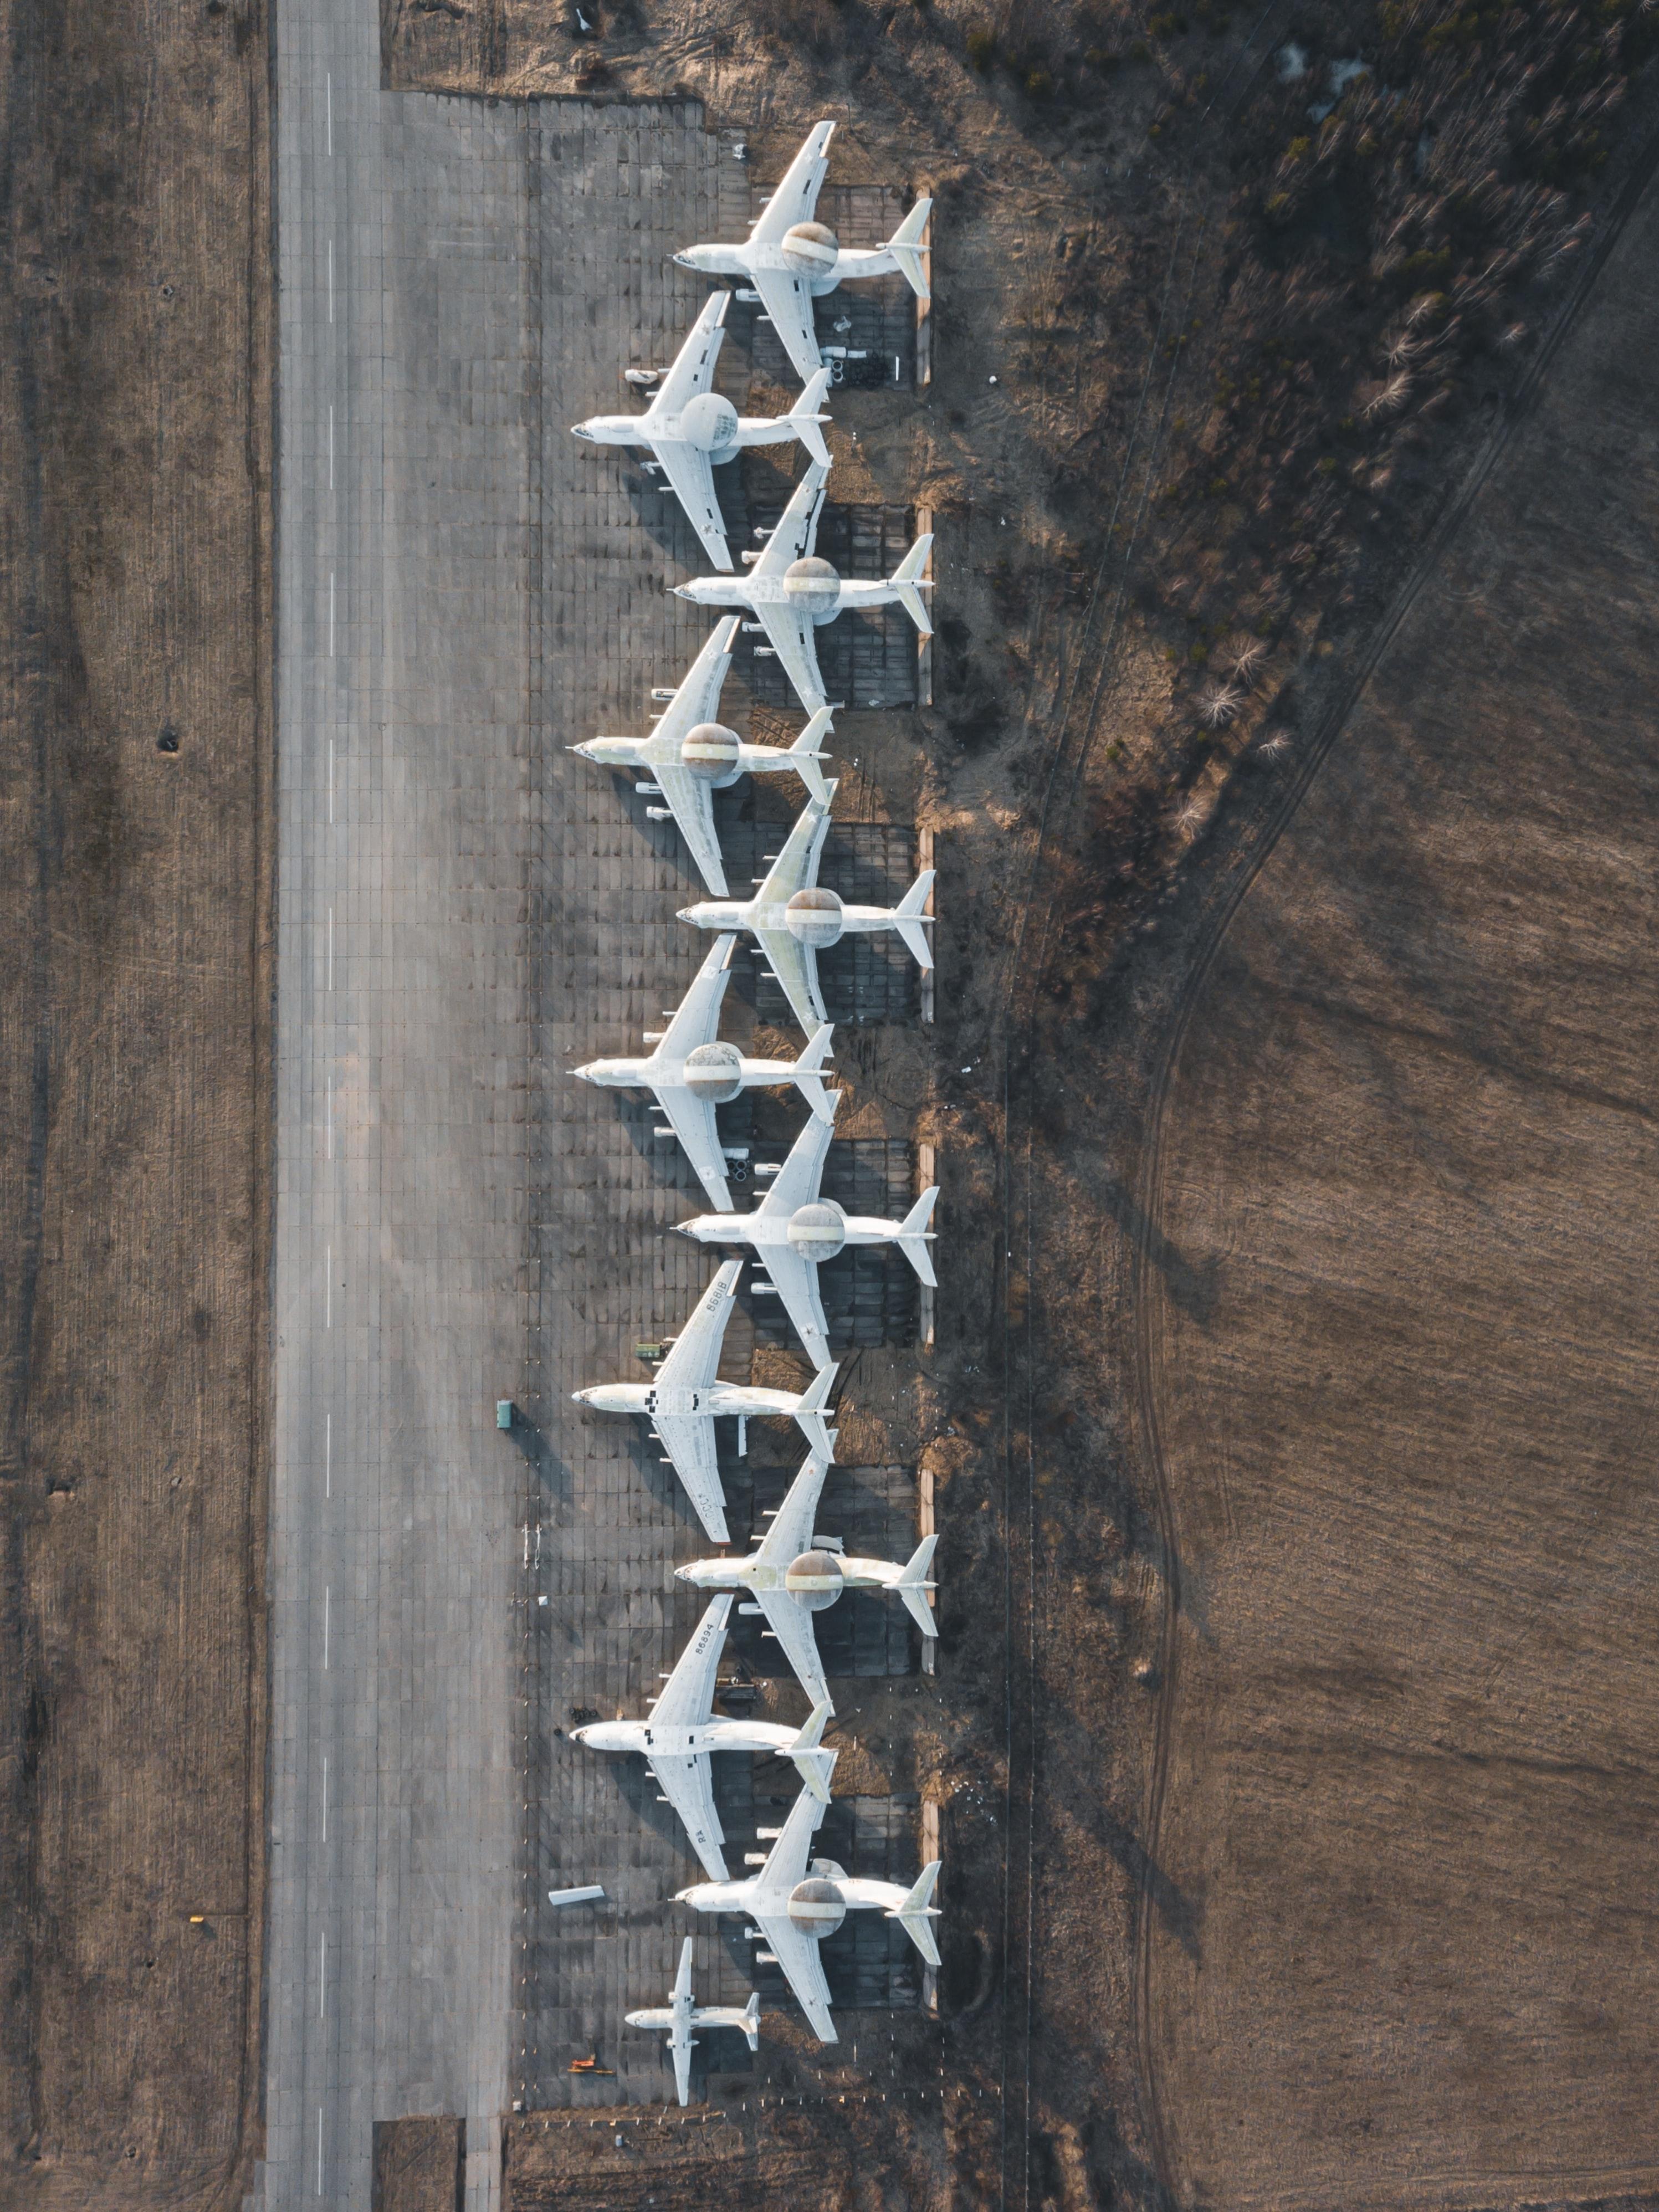 150389 Hintergrundbild herunterladen Flugzeuge, Blick Von Oben, Verschiedenes, Sonstige, Flugzeug, Der Flughafen, Flughafen - Bildschirmschoner und Bilder kostenlos